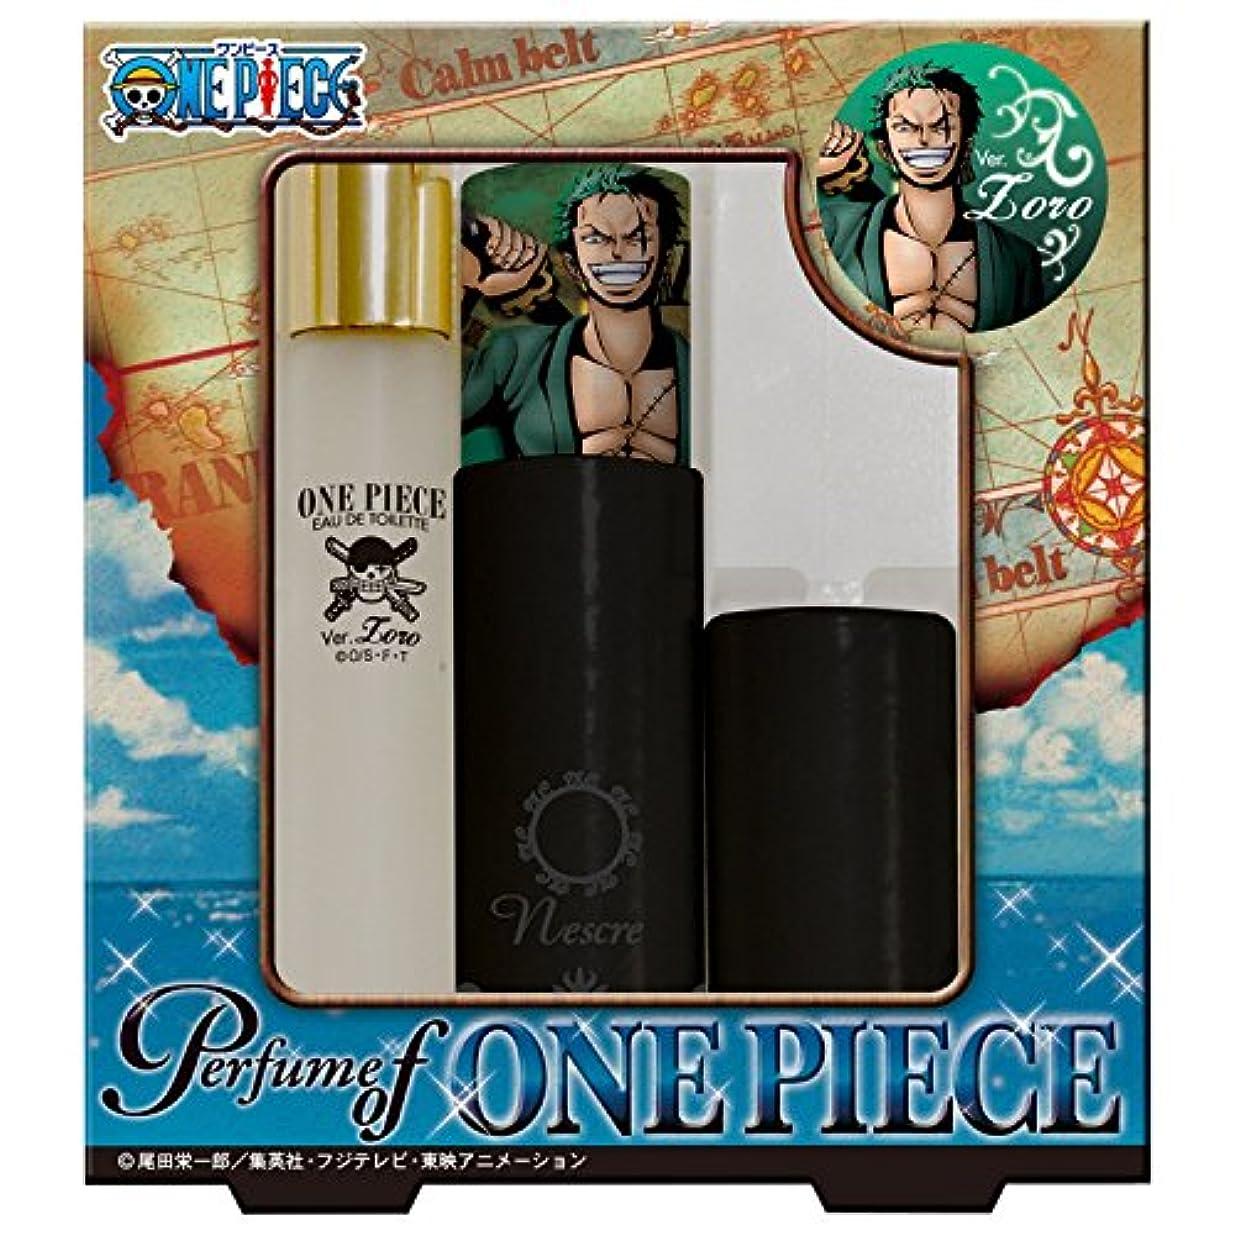 小屋偽善霧NESCRE Perfume of ONEPIECE Ver.Zoro 15mL 専用バッグインケース付 日本製